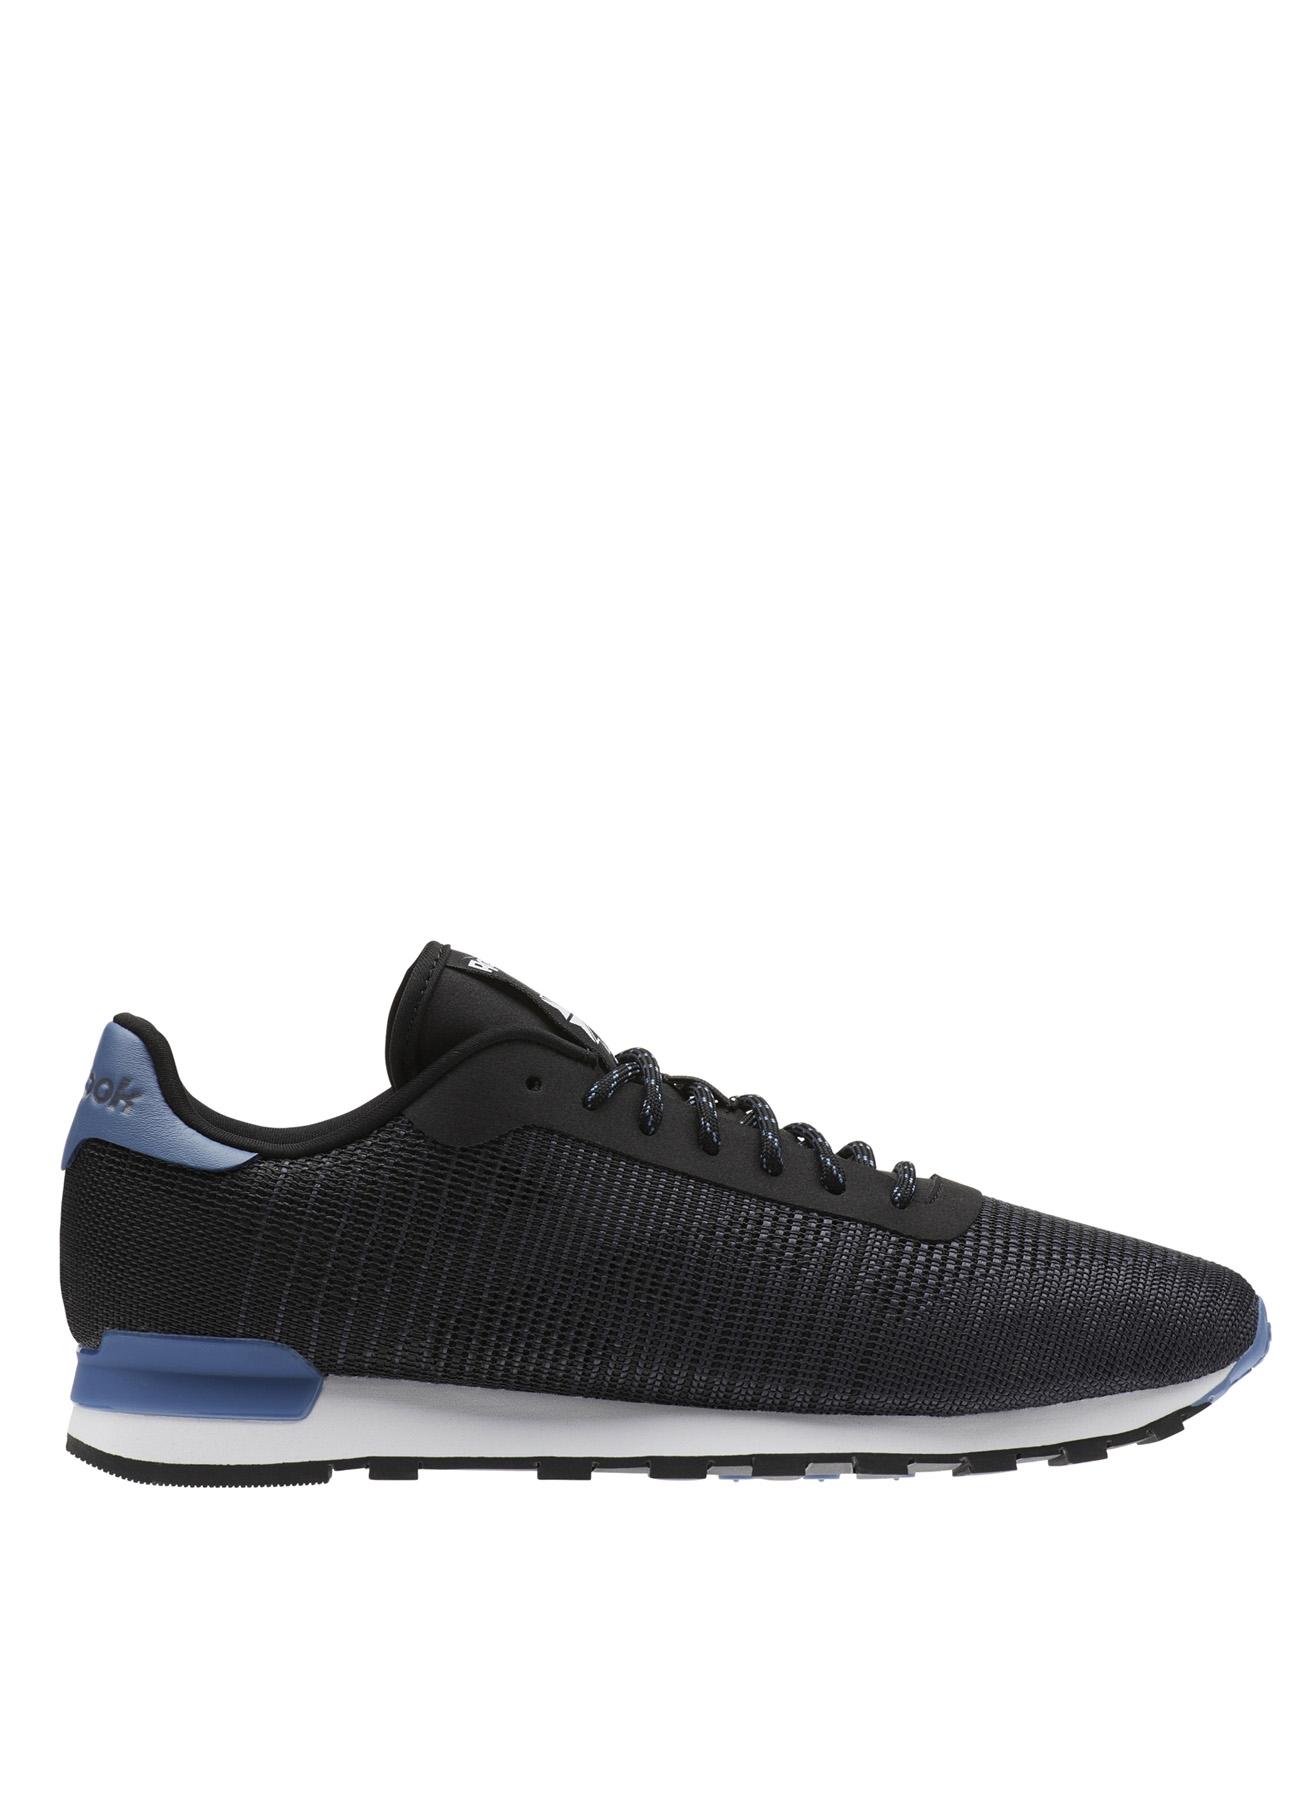 Reebok Classic Flexweave Lifestyle Ayakkabı 43 5001633275006 Ürün Resmi